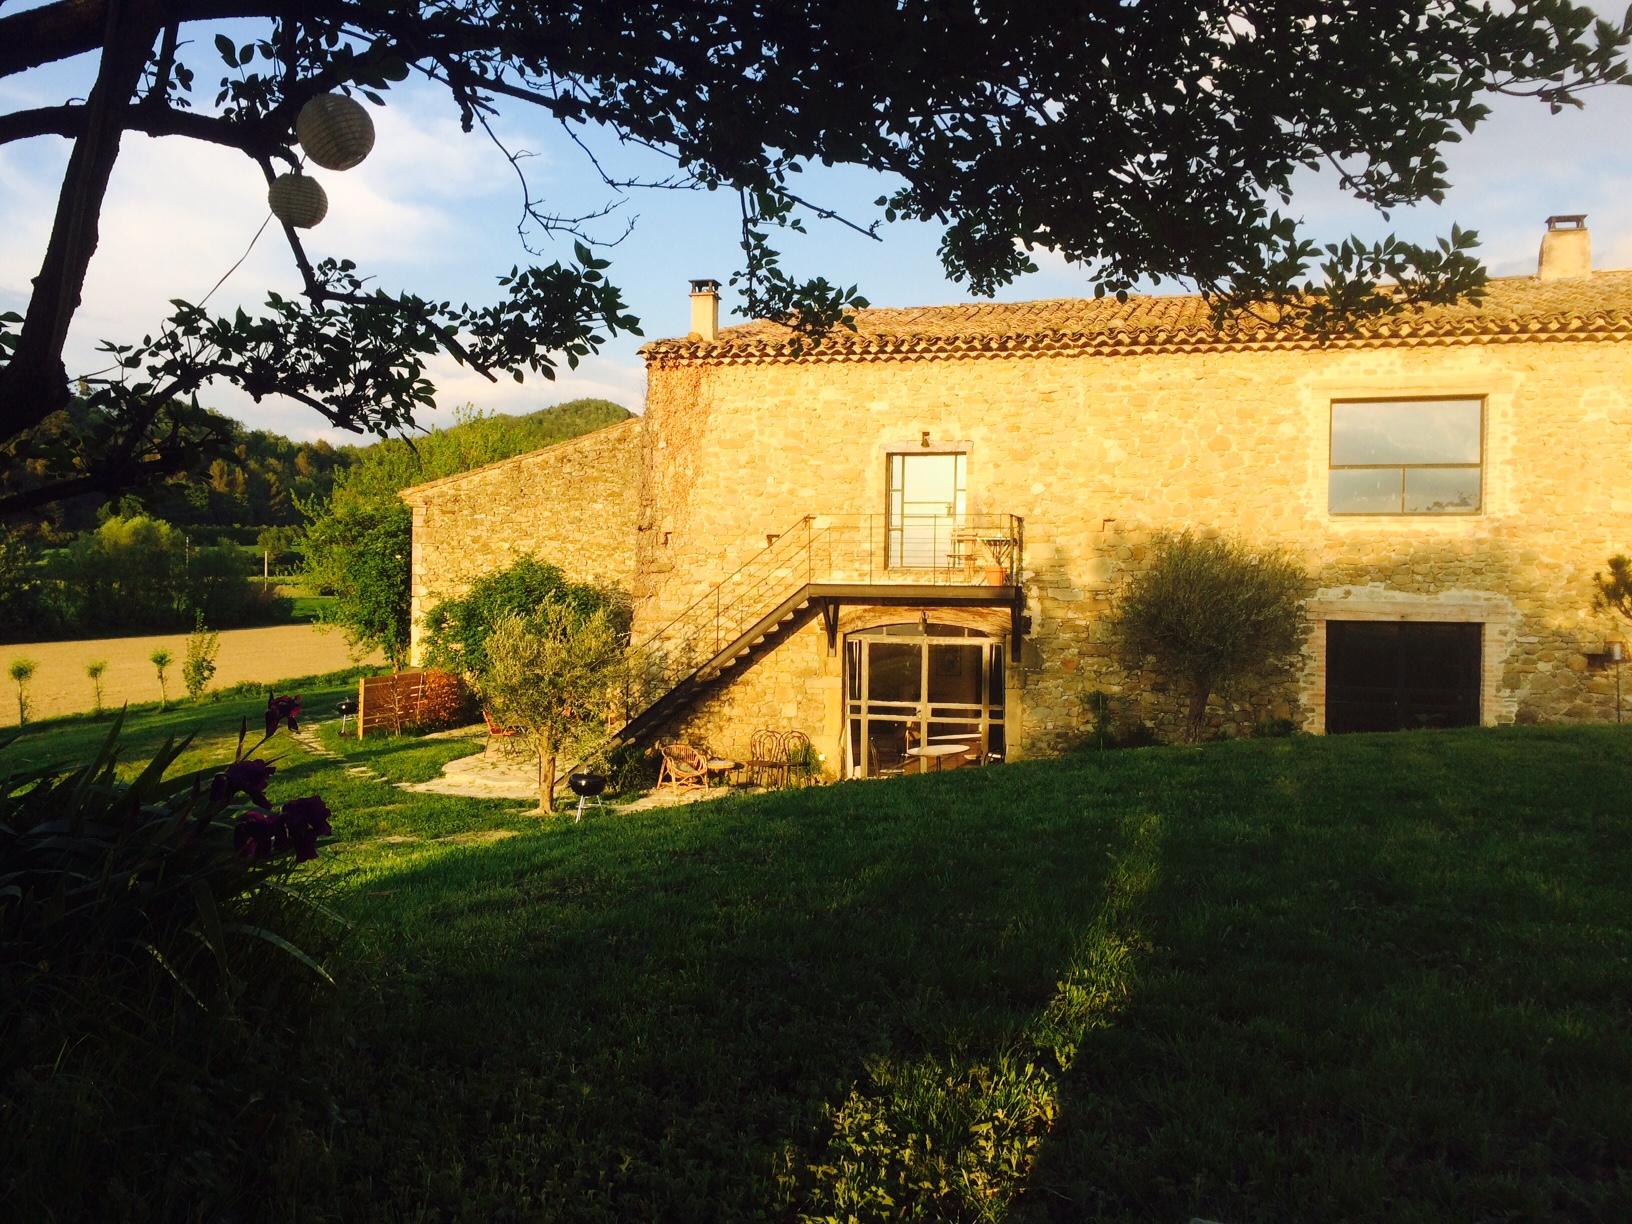 jardin et maison (4).jpg